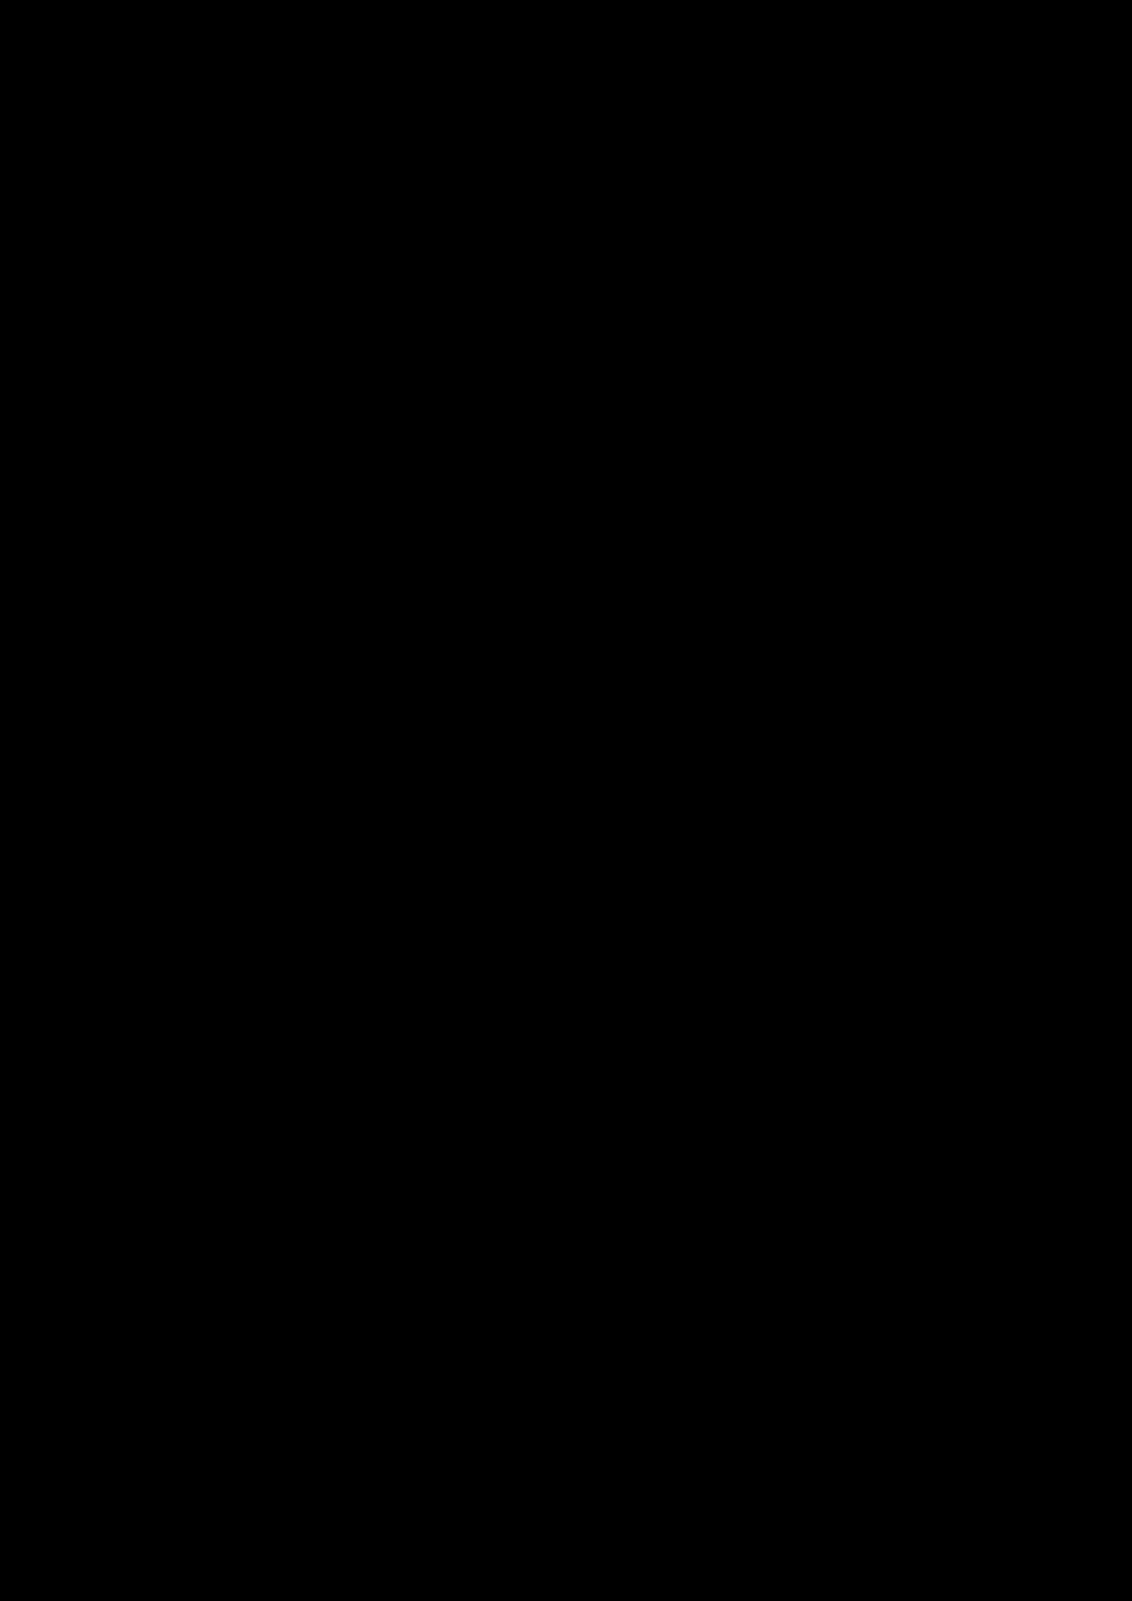 Prolog slide, Image 12